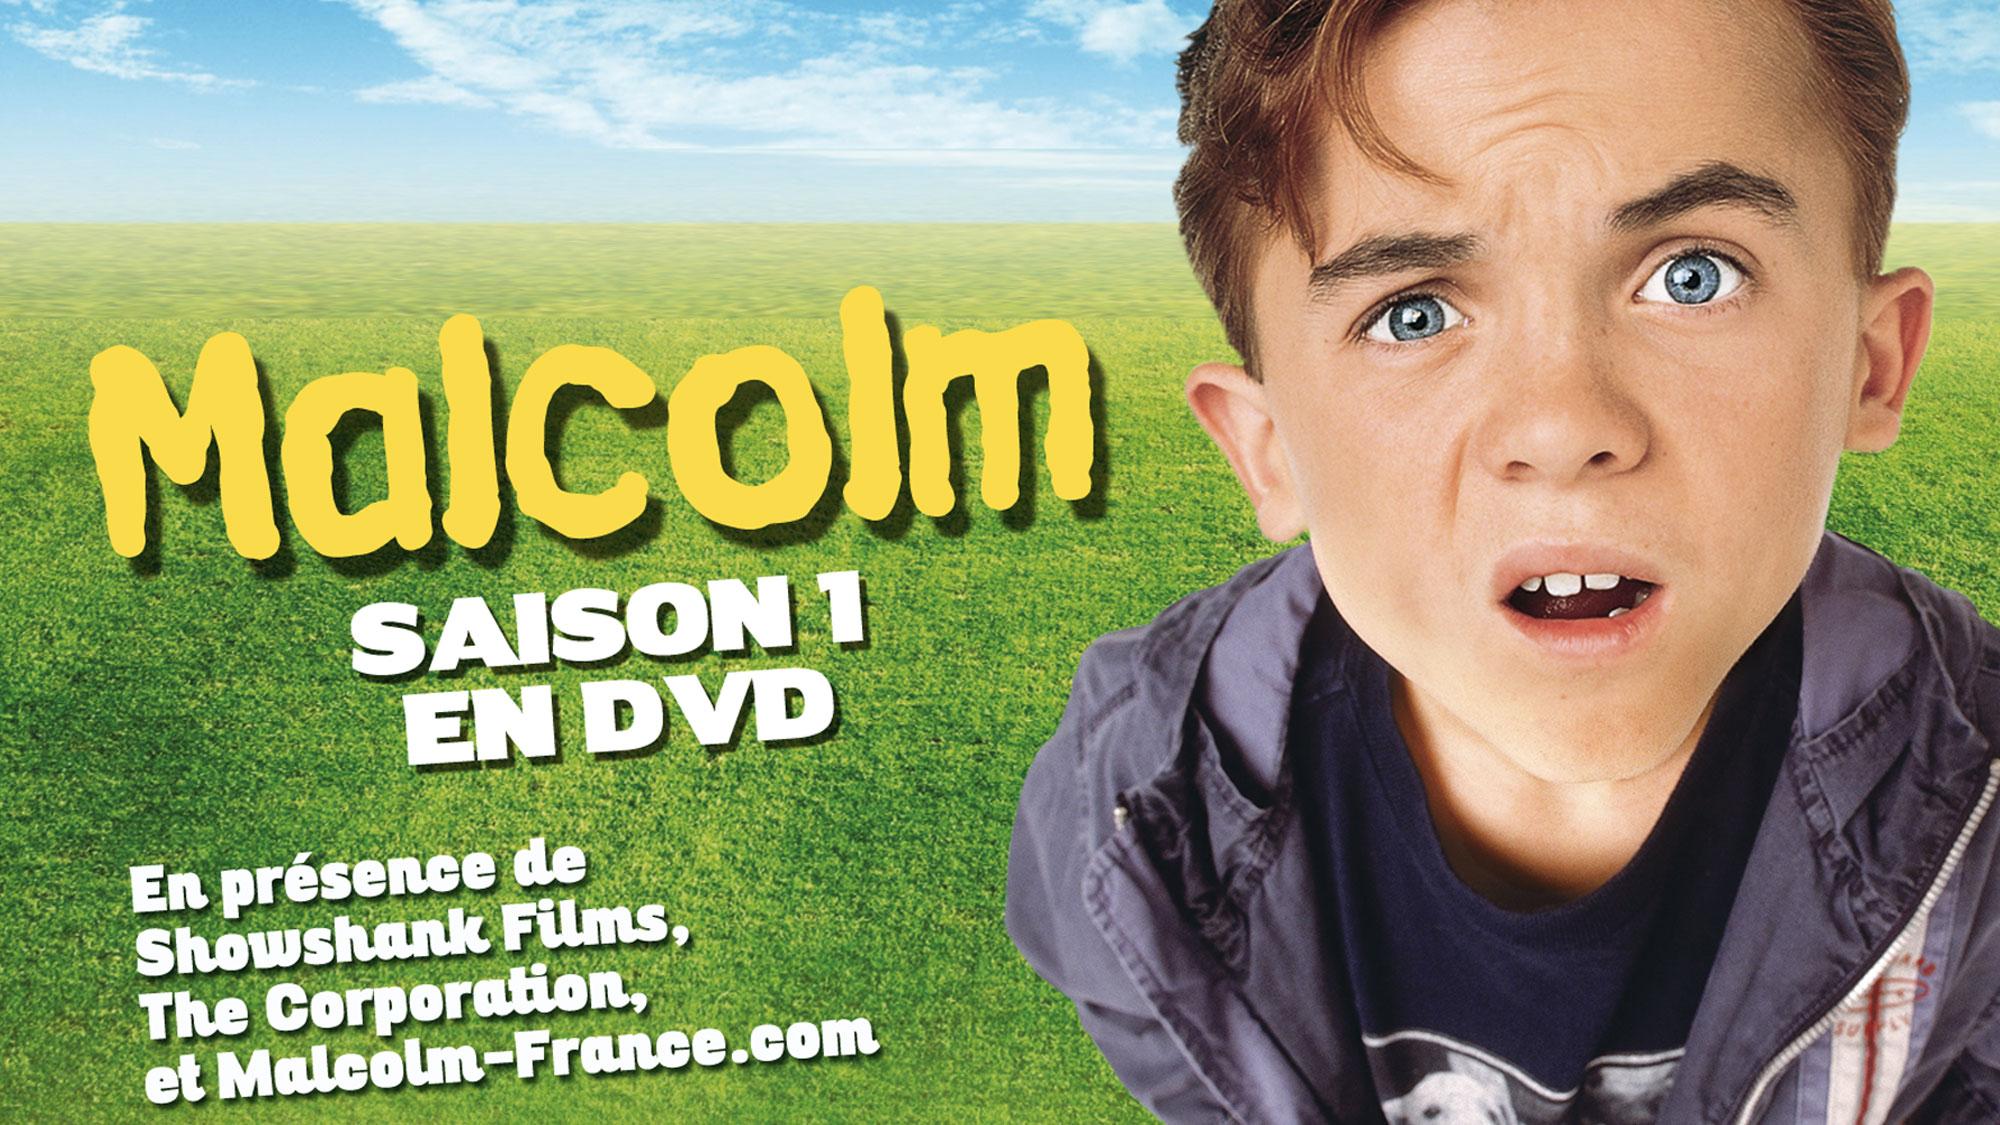 Assistez à la soirée de lancement du DVD <em>Malcolm</em> le 4 mars 2014 à Paris !